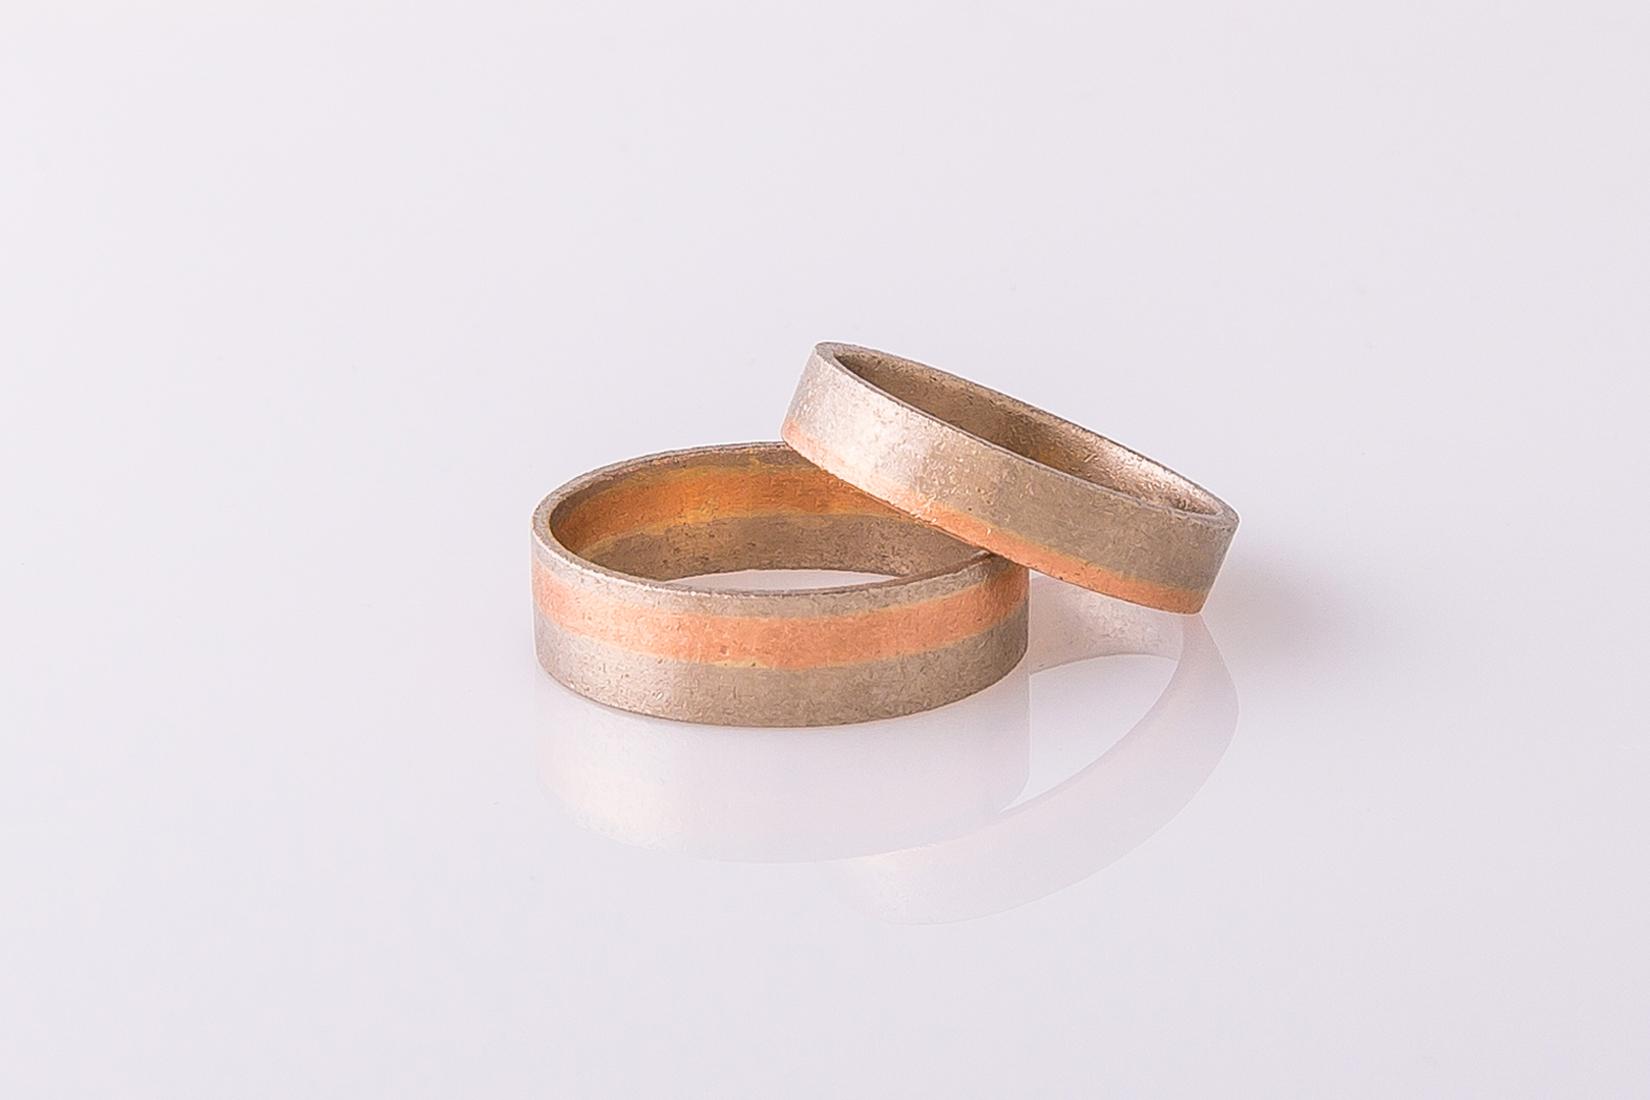 goudmerk-ring-trouwen-wit-rood-goud-band-mat-geborsteld